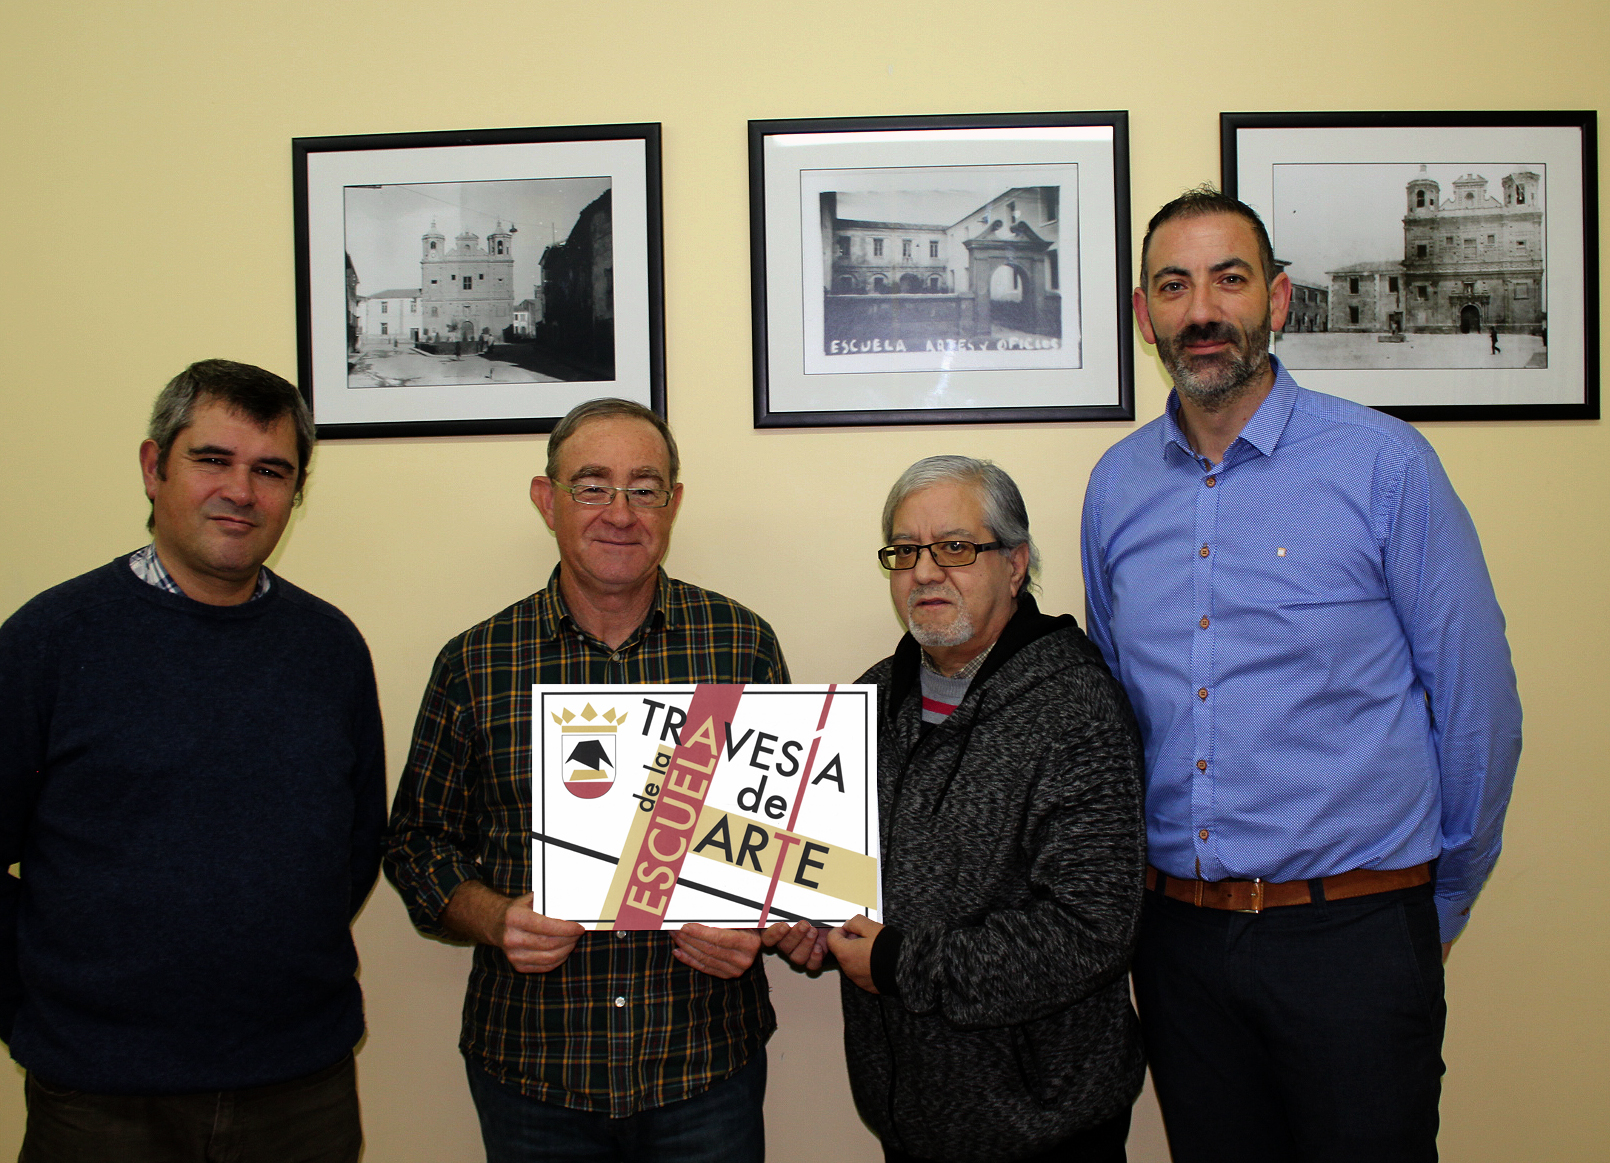 foto de la placa Travesía de la Escuela de Arte ganadora con los miembros del jurado